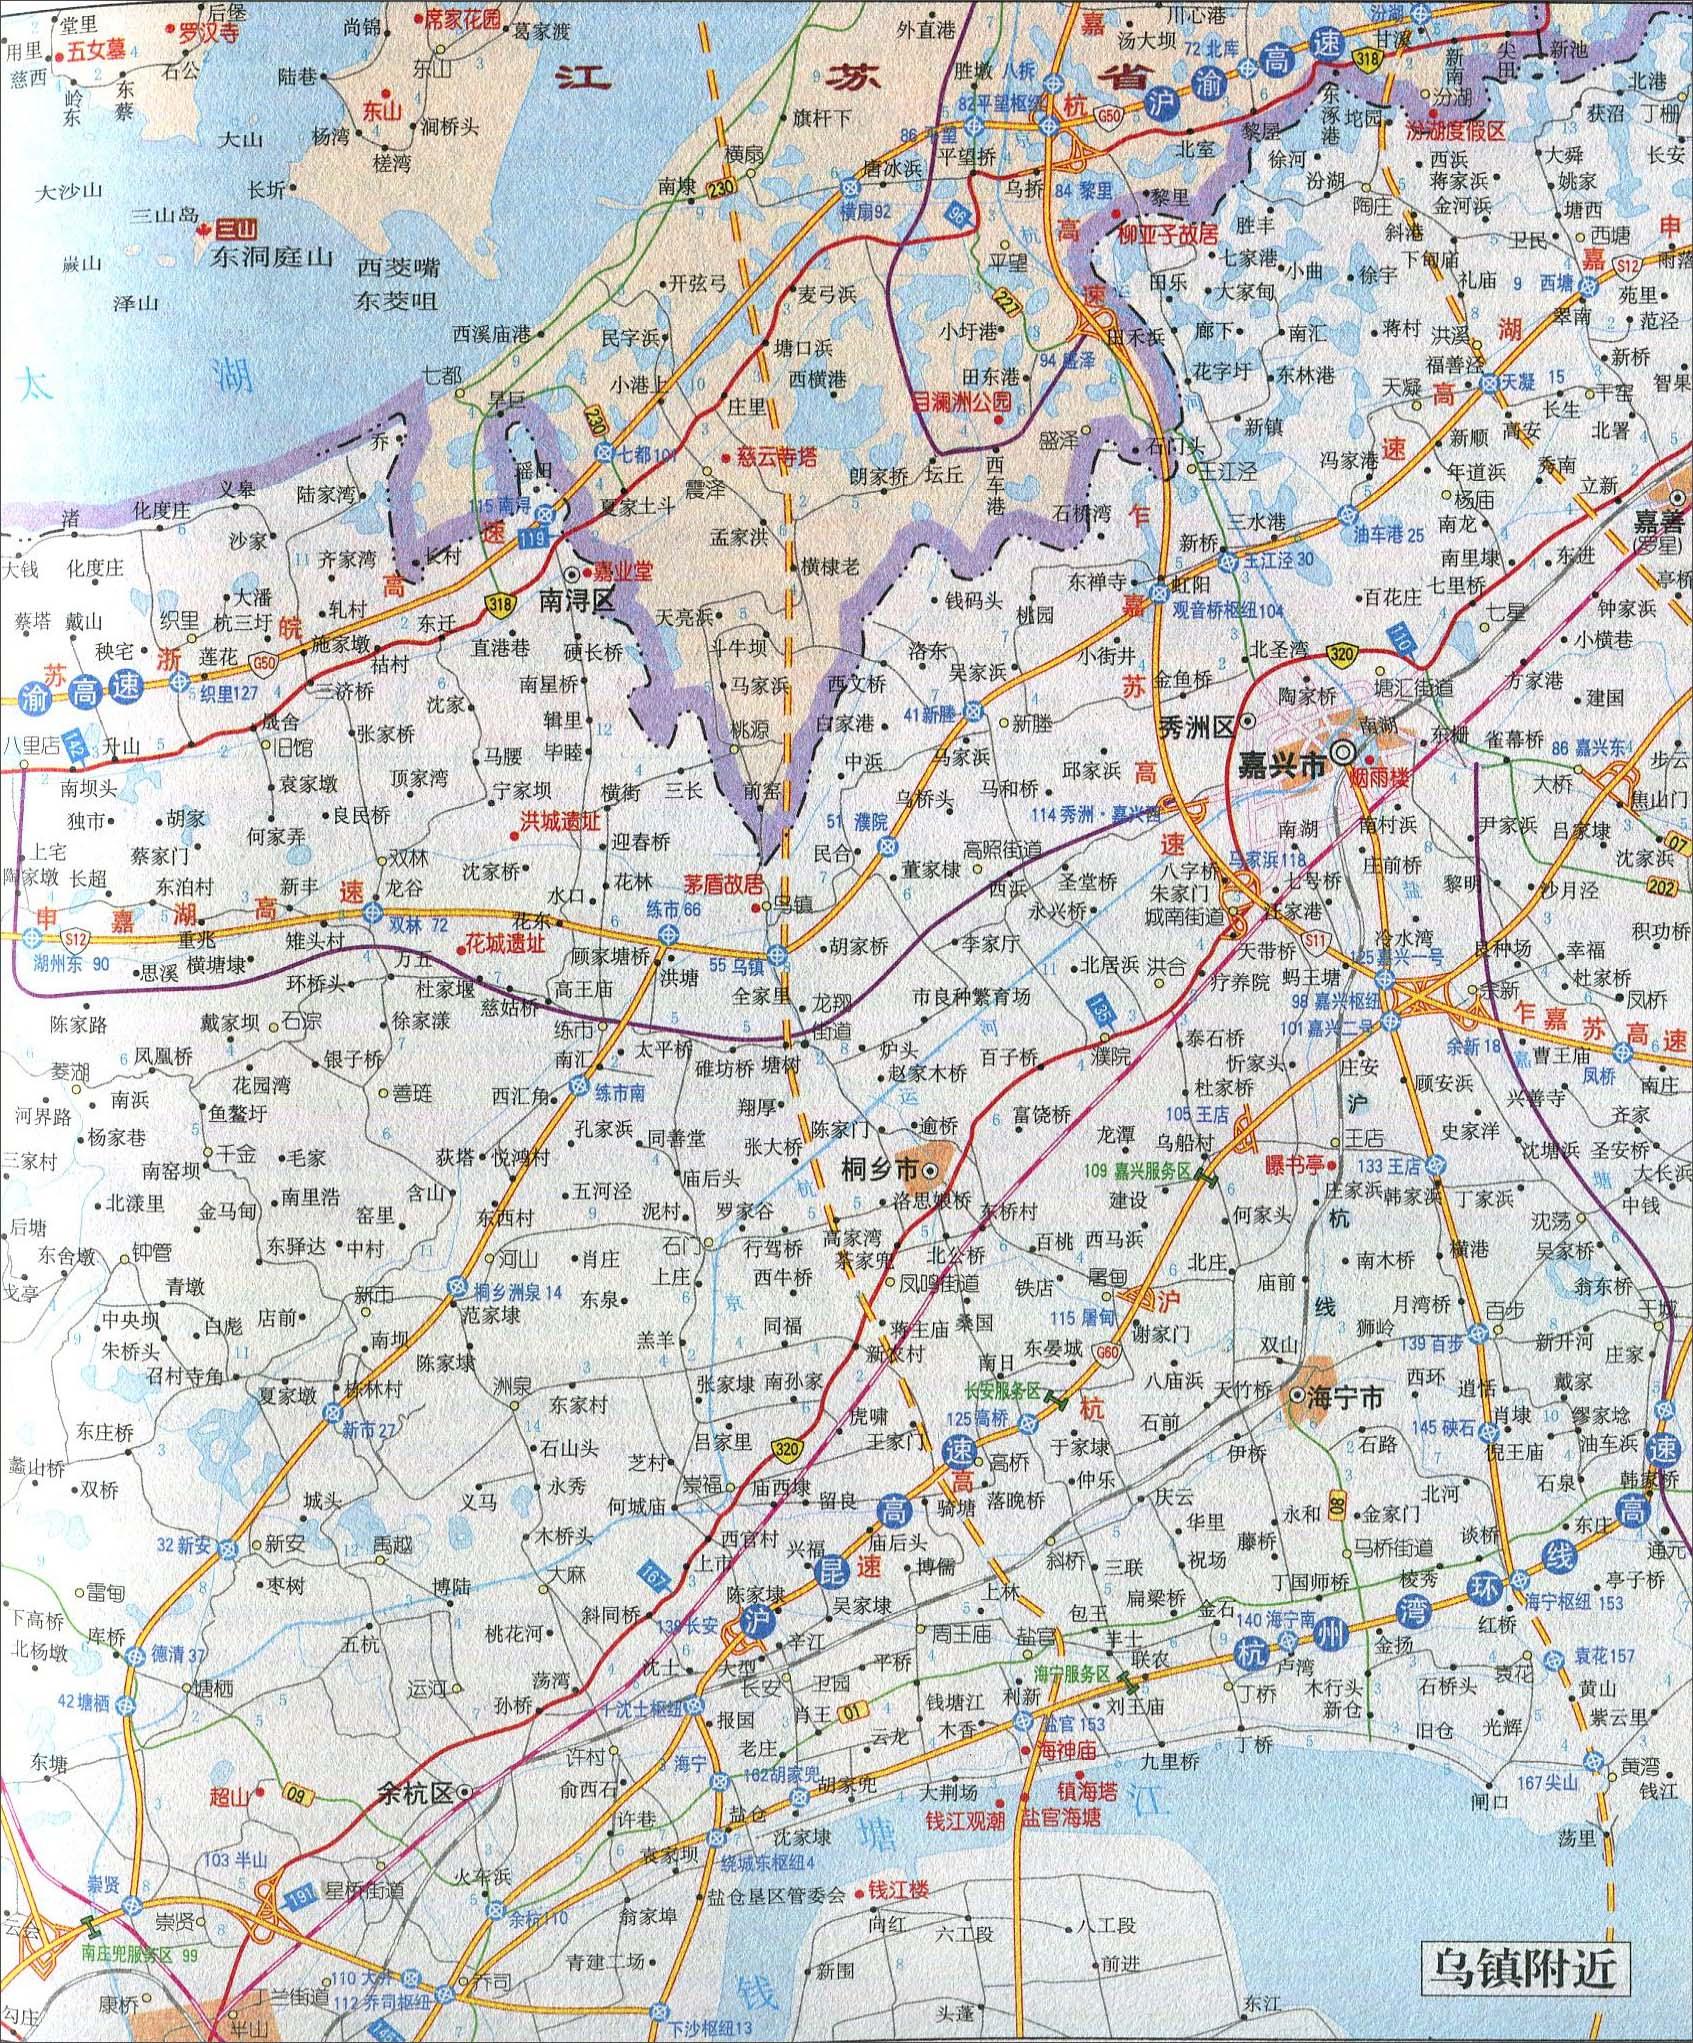 宁波至嵊泗列岛旅游路线图